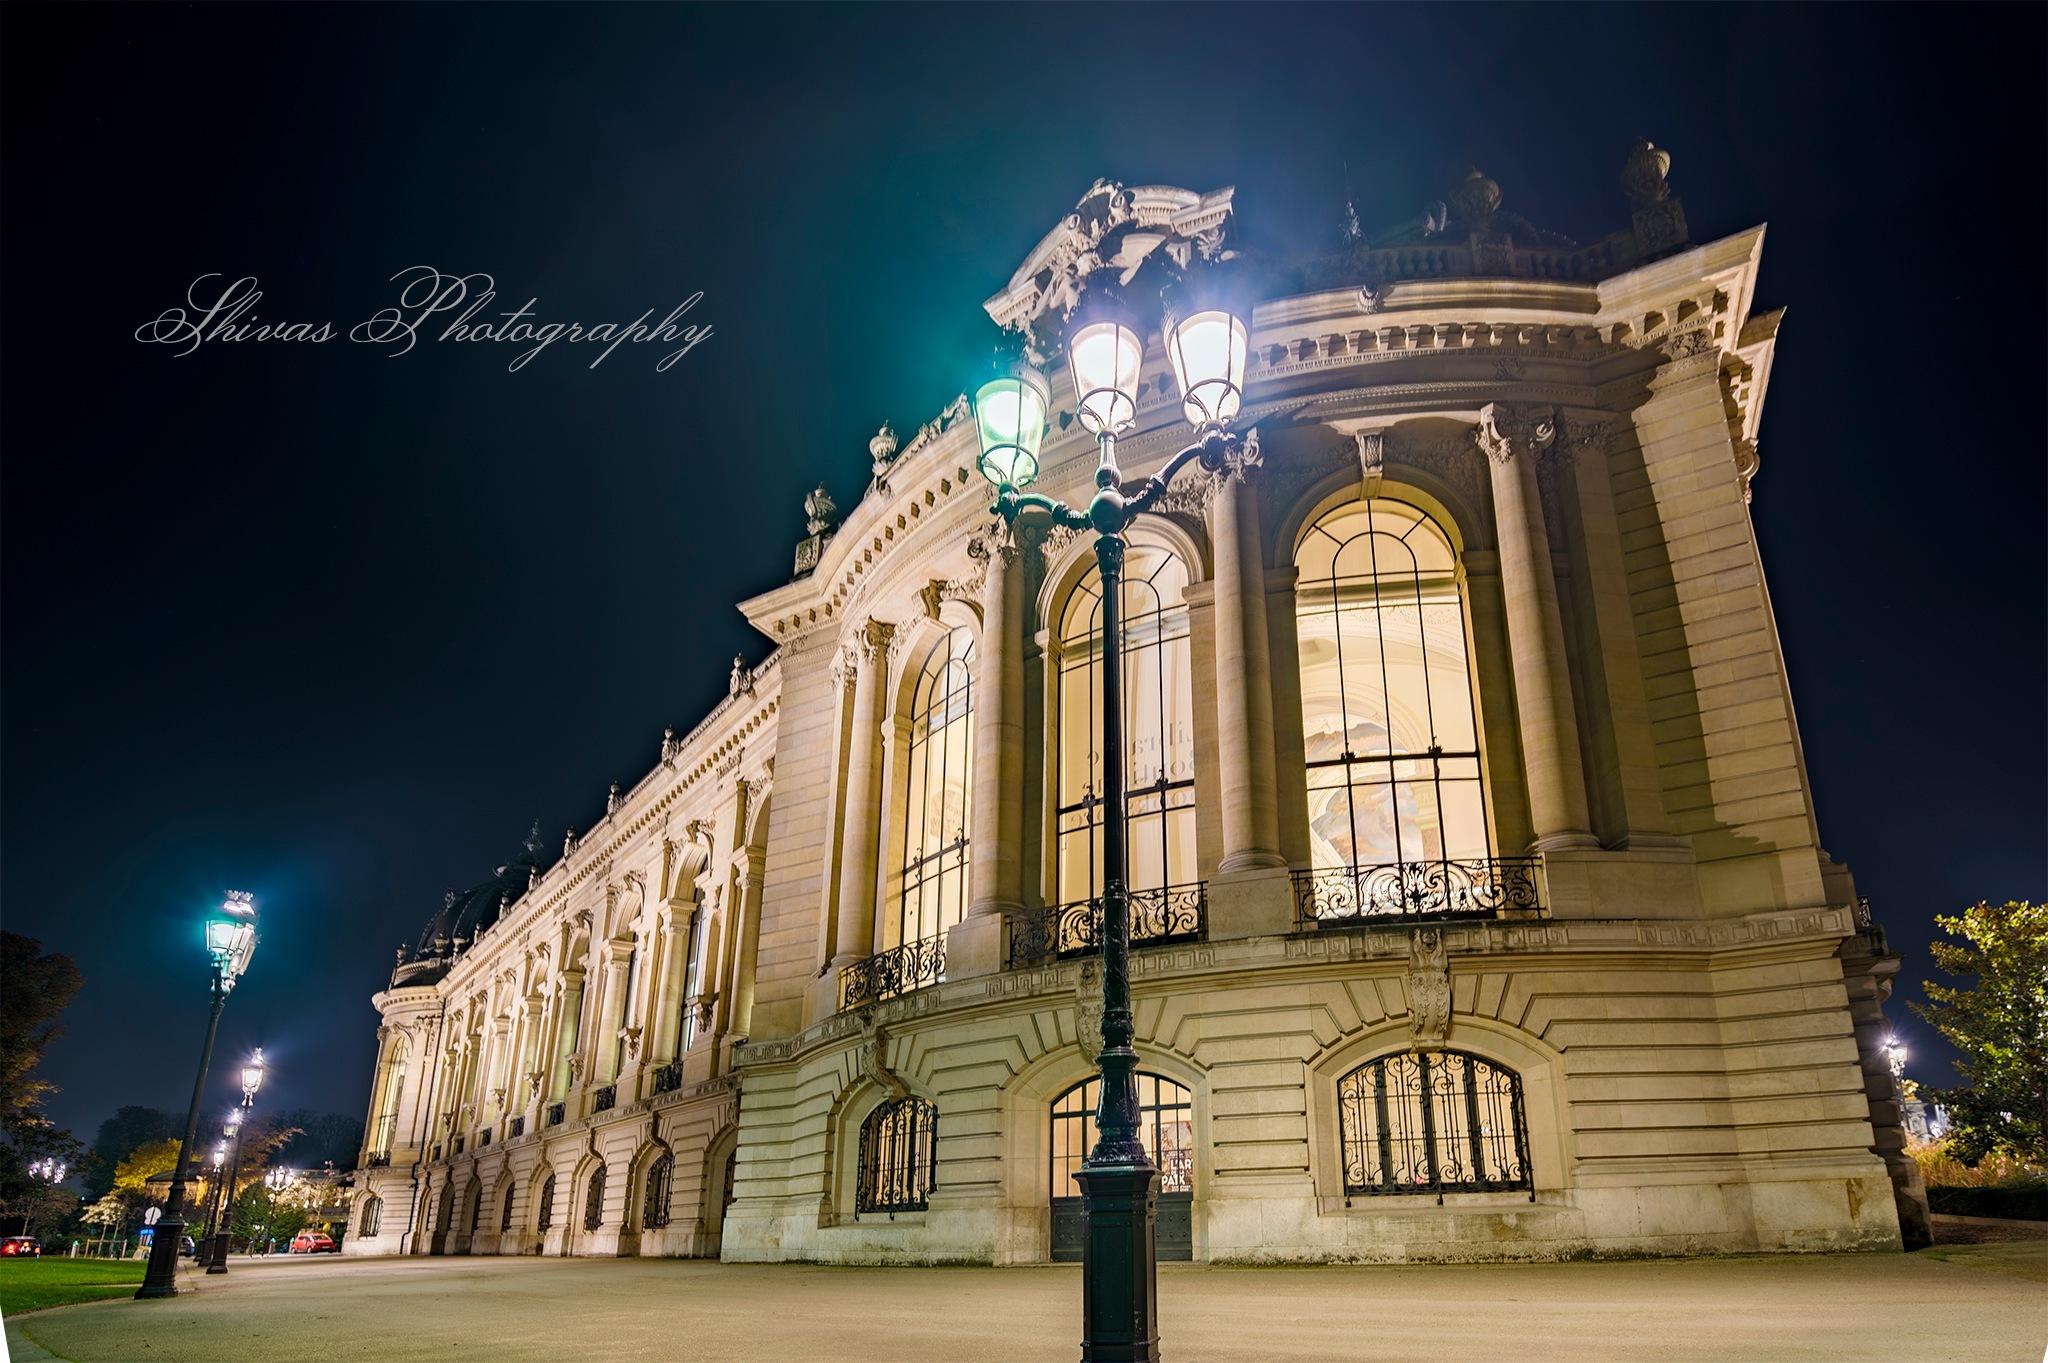 PARIS BY NIGHT by Shivas Sivakumar